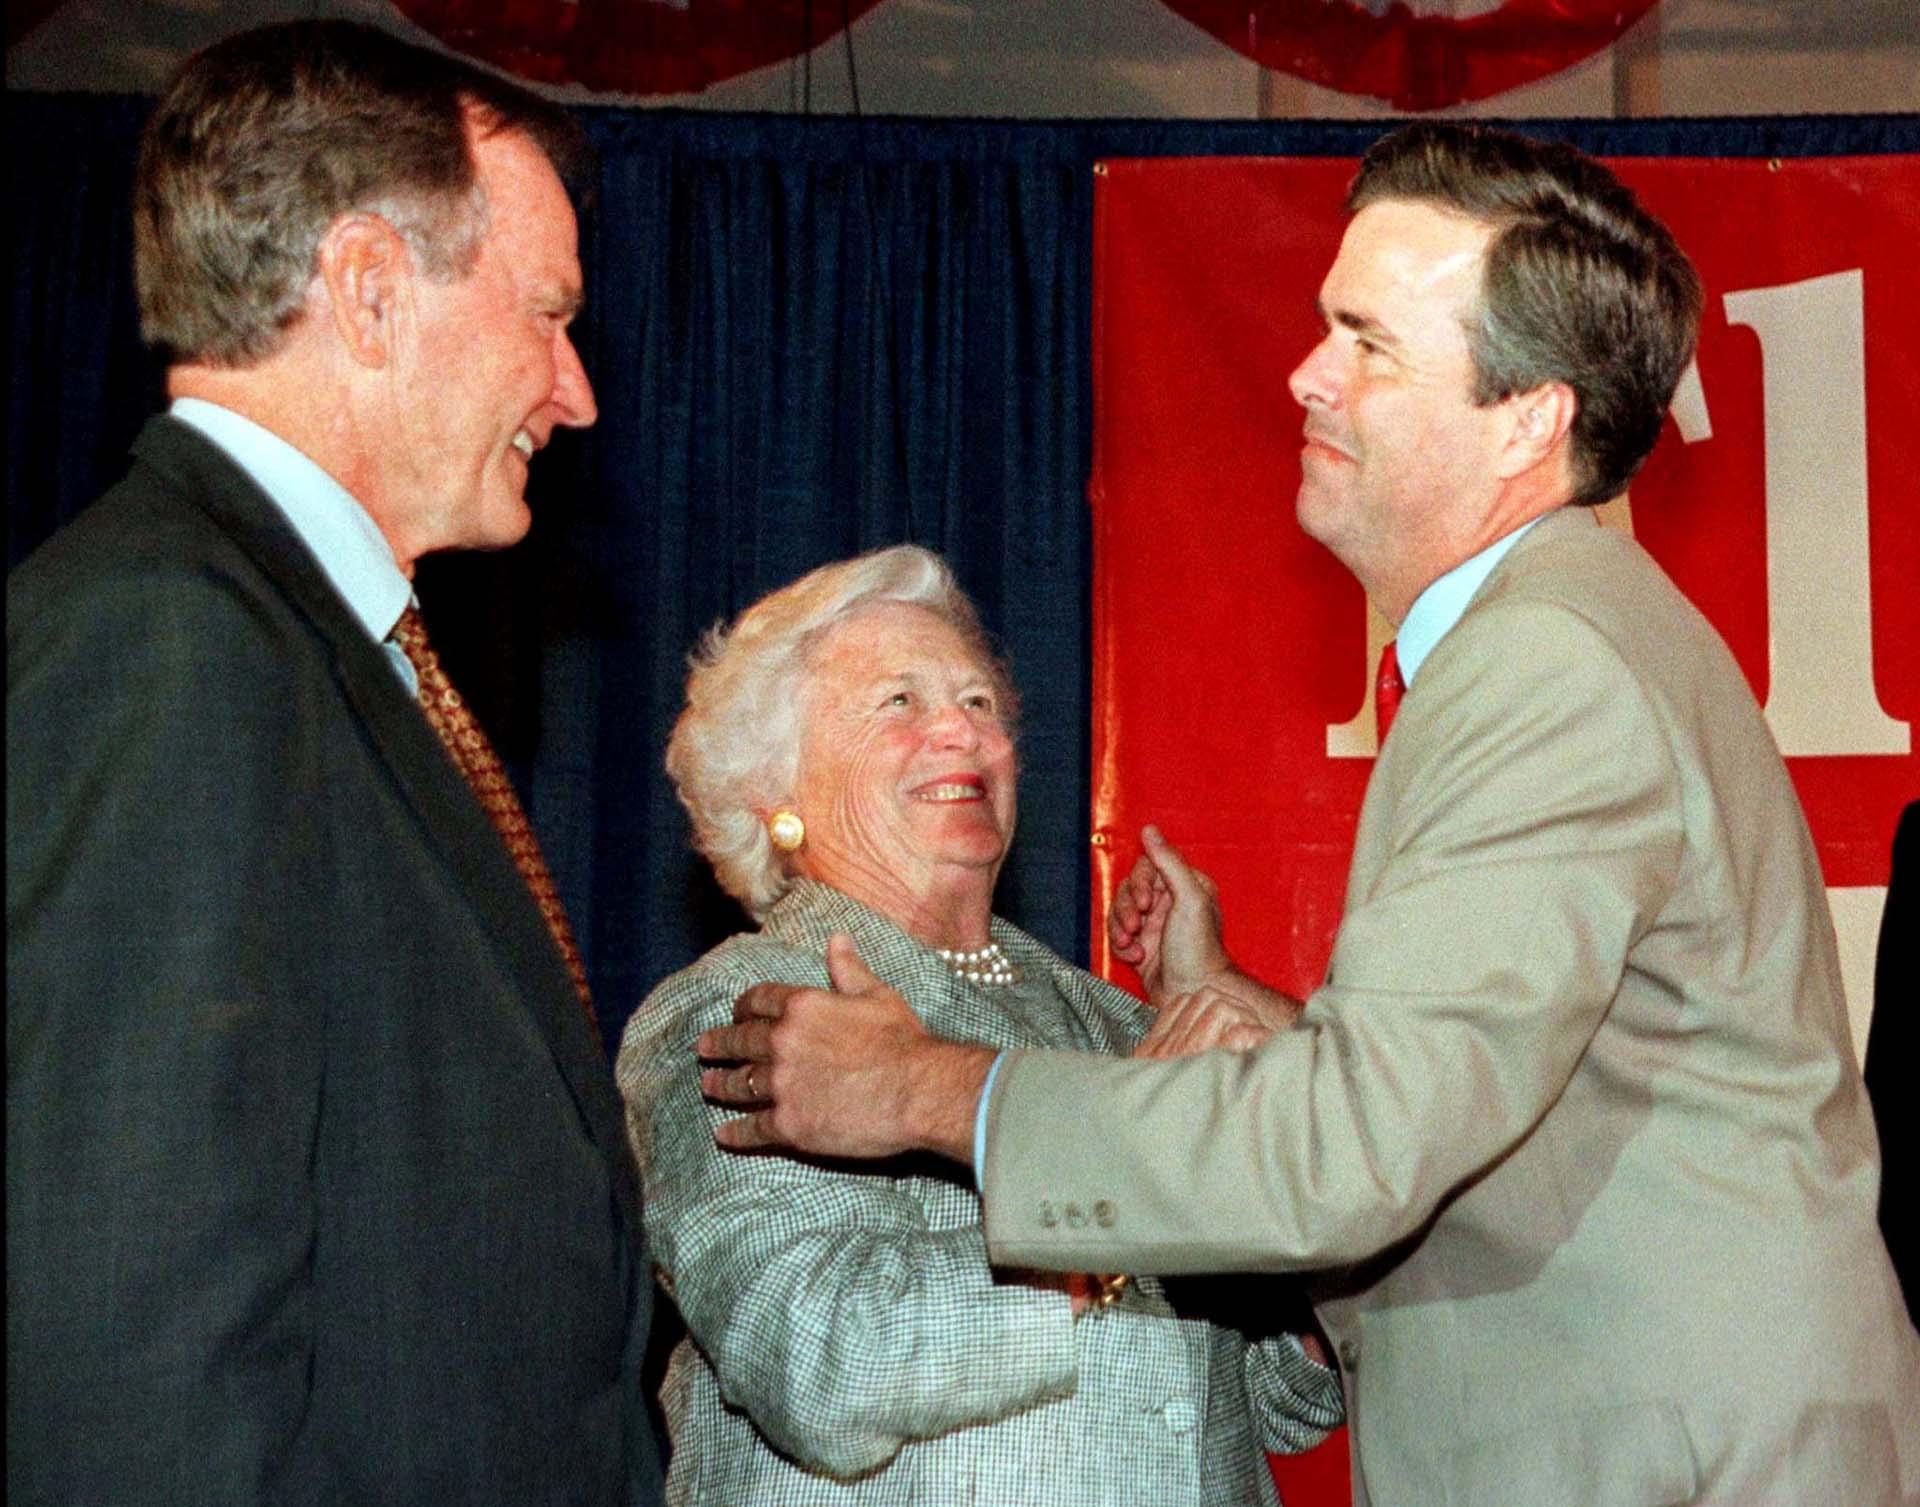 Barbara y su esposofelicitan a su hijo menorJeb por su victoria en las primarias republicanas para ser candidato a gobernador de Florida en 1994